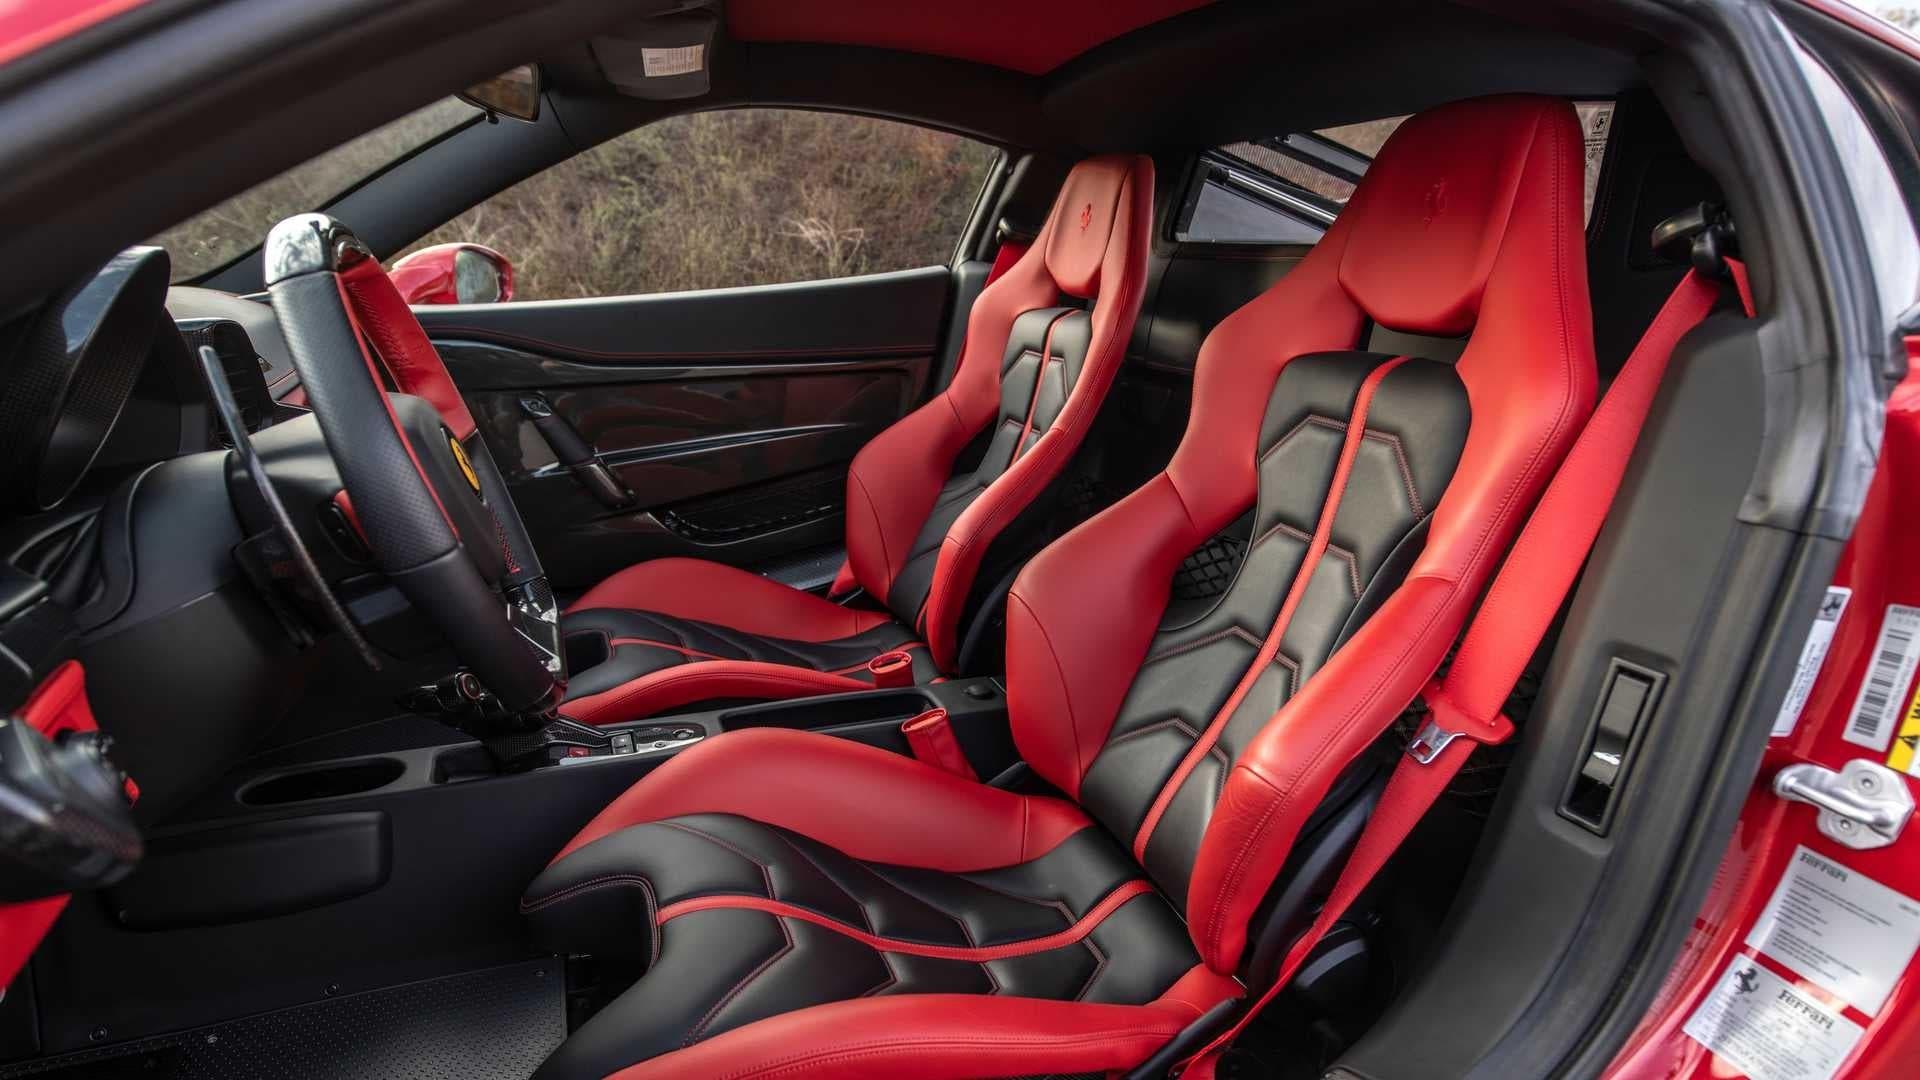 Ferrari 458 Speciale AddArmor